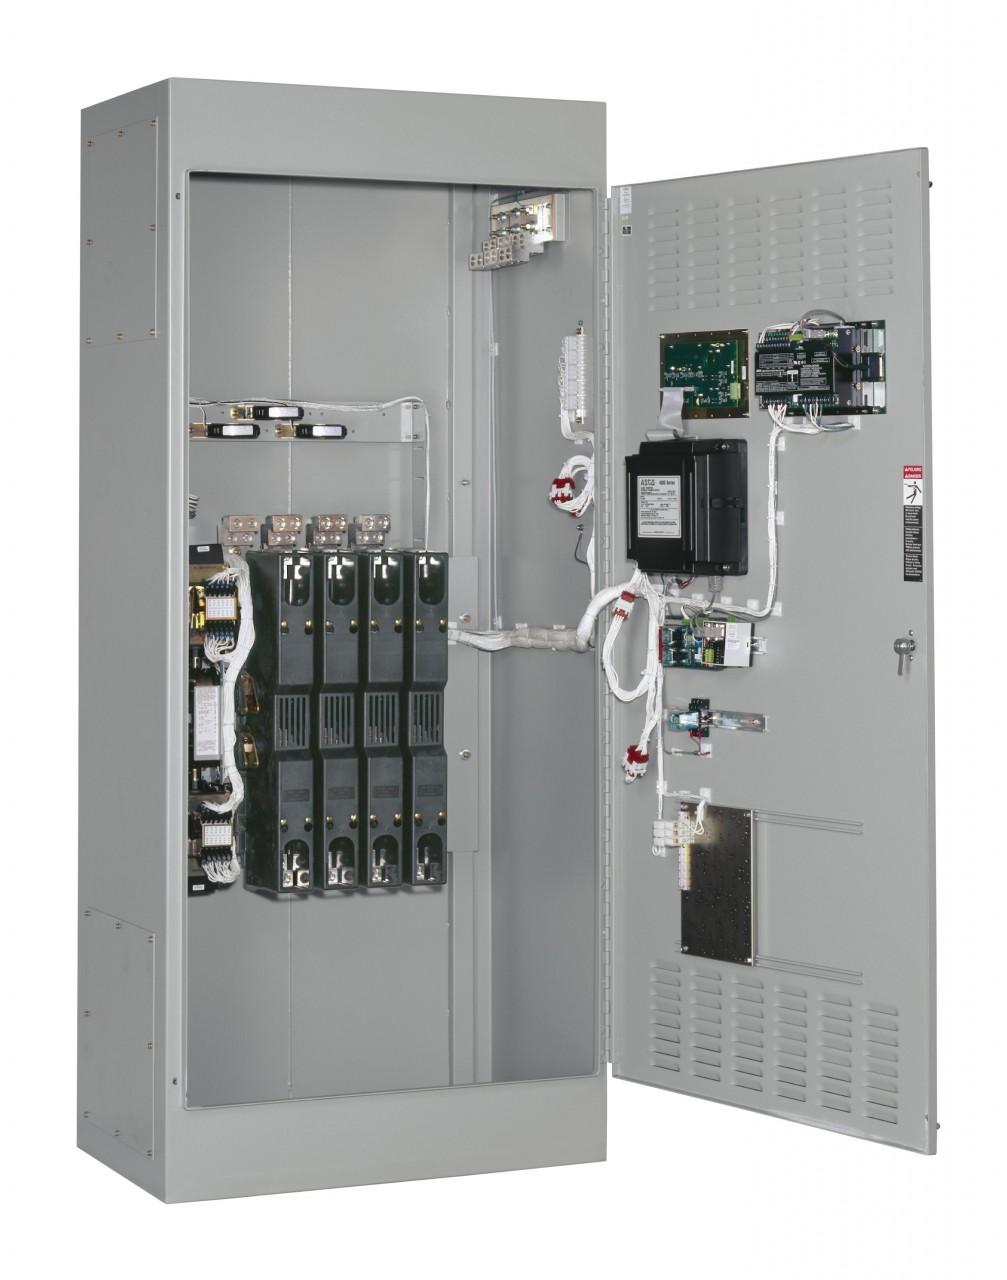 Asco 4000 Auto Transfer Switch (3Ph, 4-Pole, 30A)